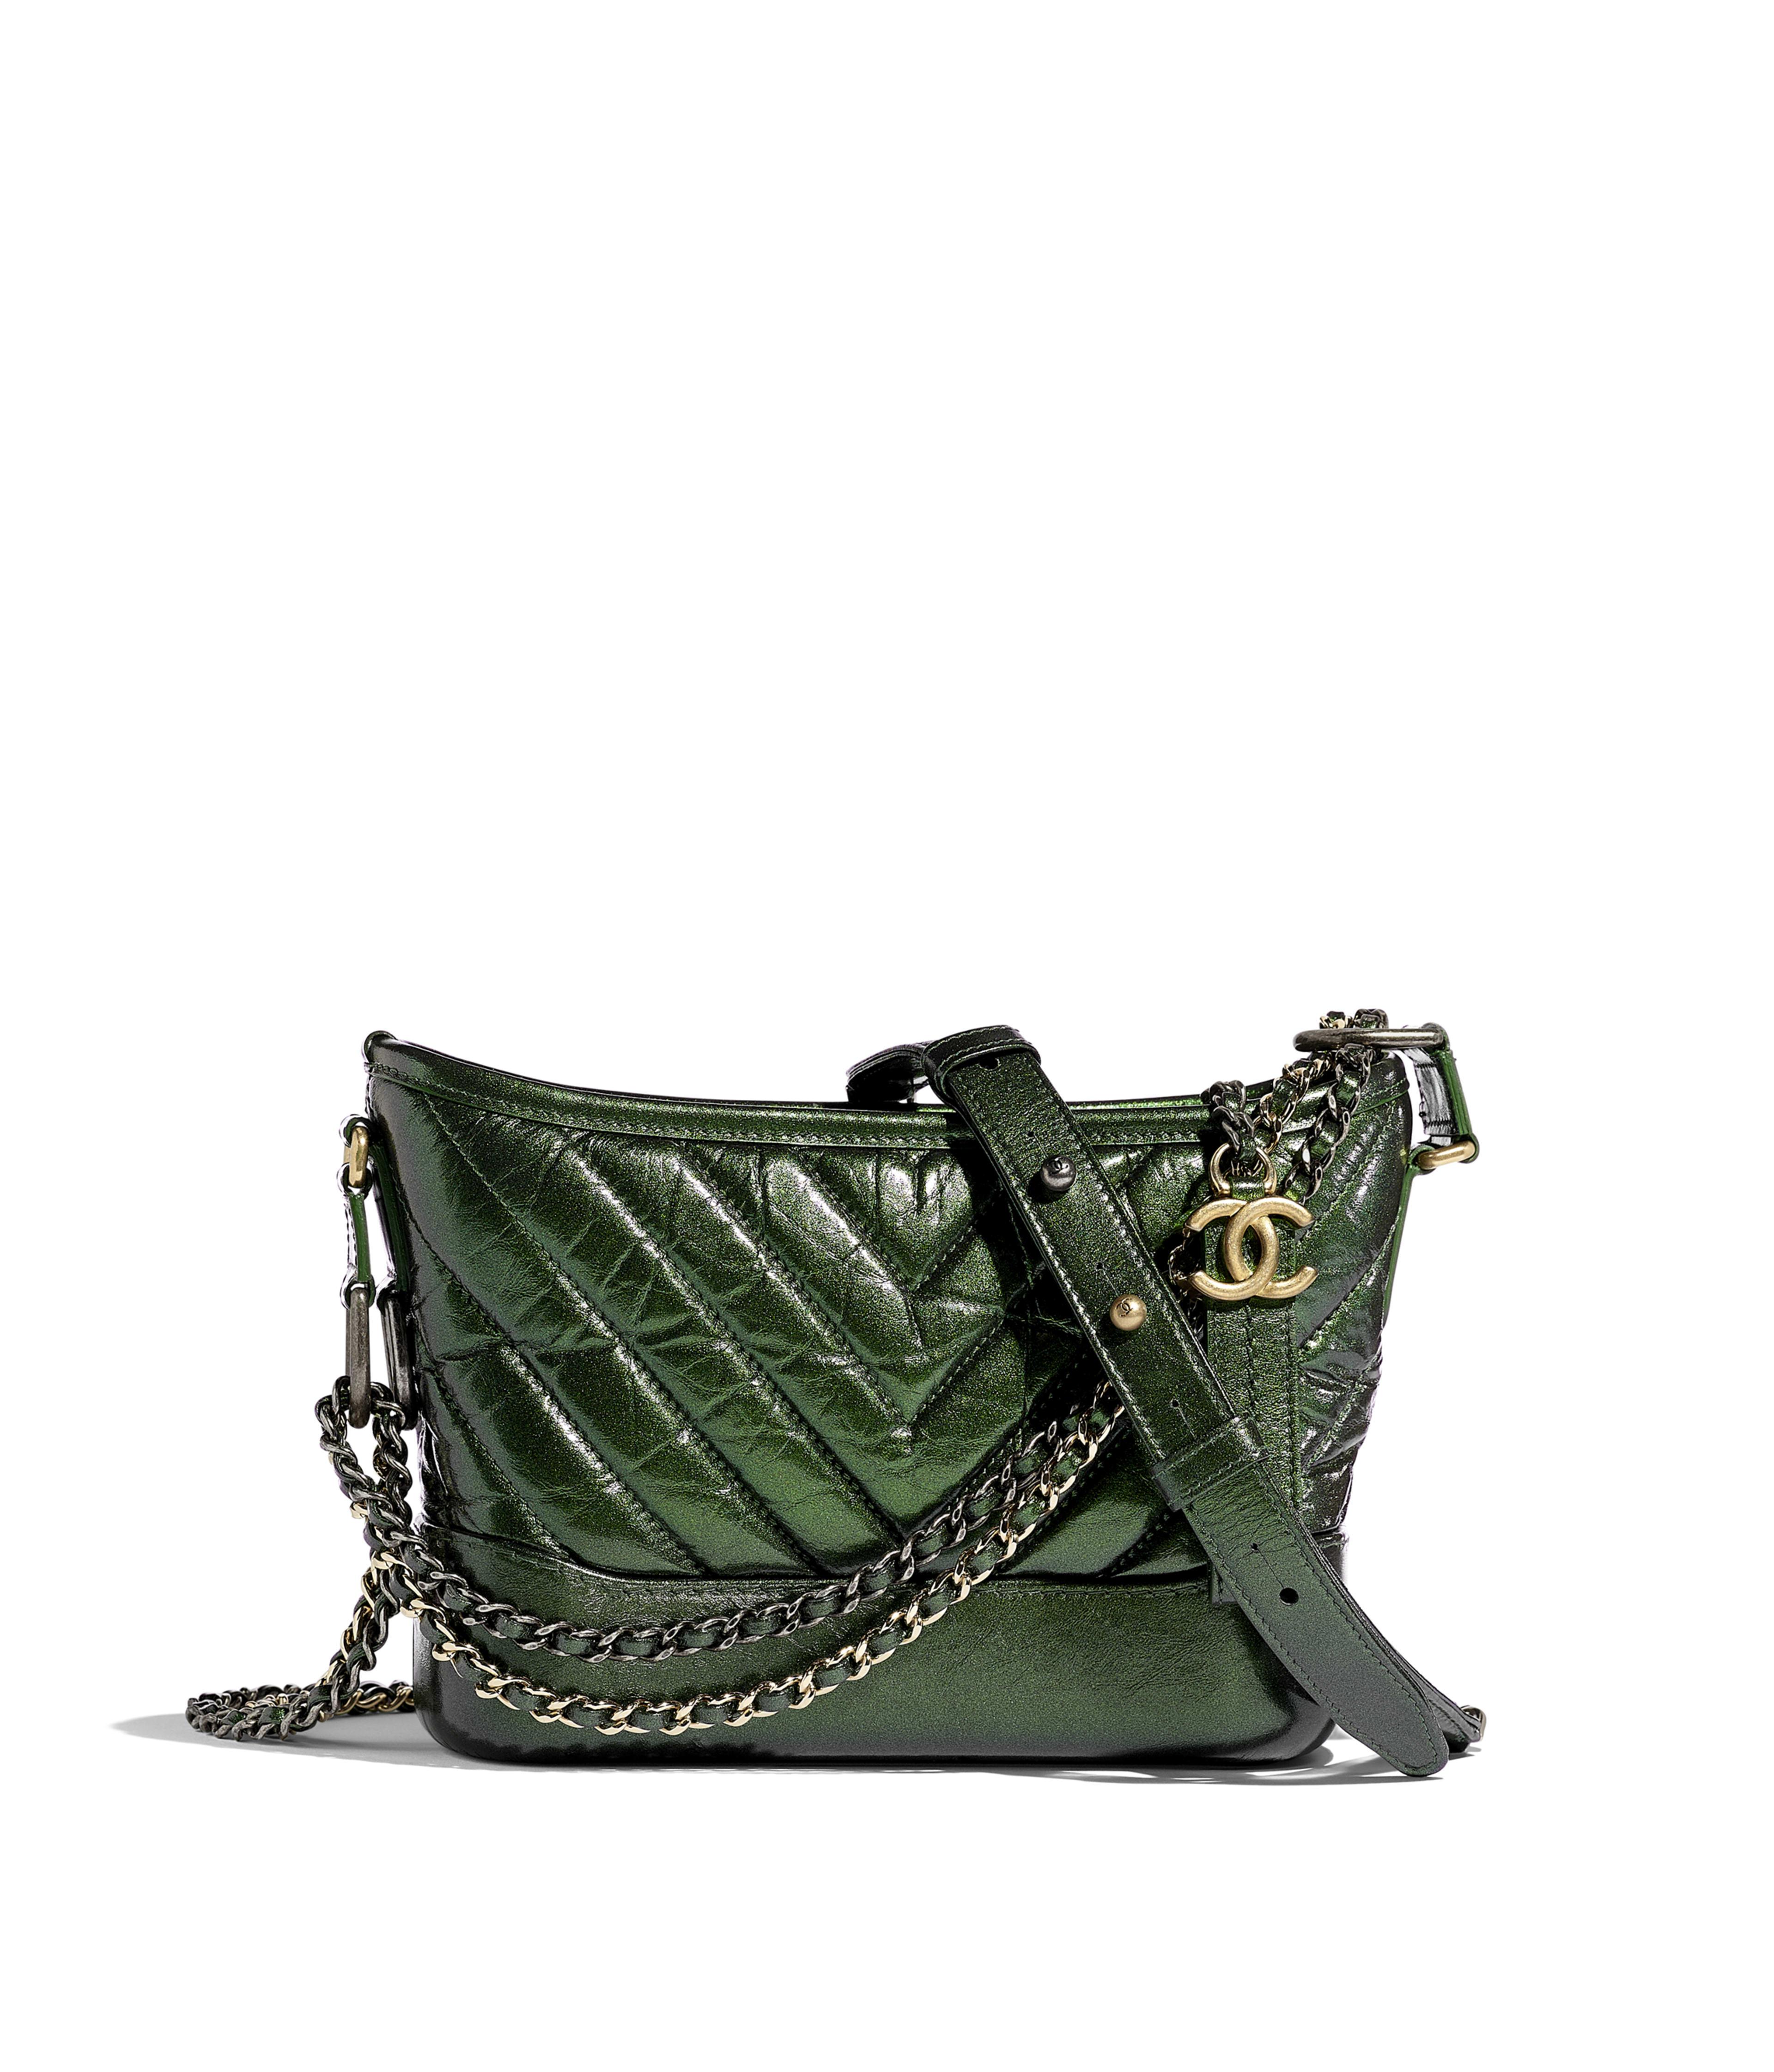 1d40ae0b0e2736 CHANEL'S GABRIELLE Small Hobo Bag Aged Calfskin, Silver-Tone & Gold-Tone  Metal, Green Ref. A91810B00877N4709